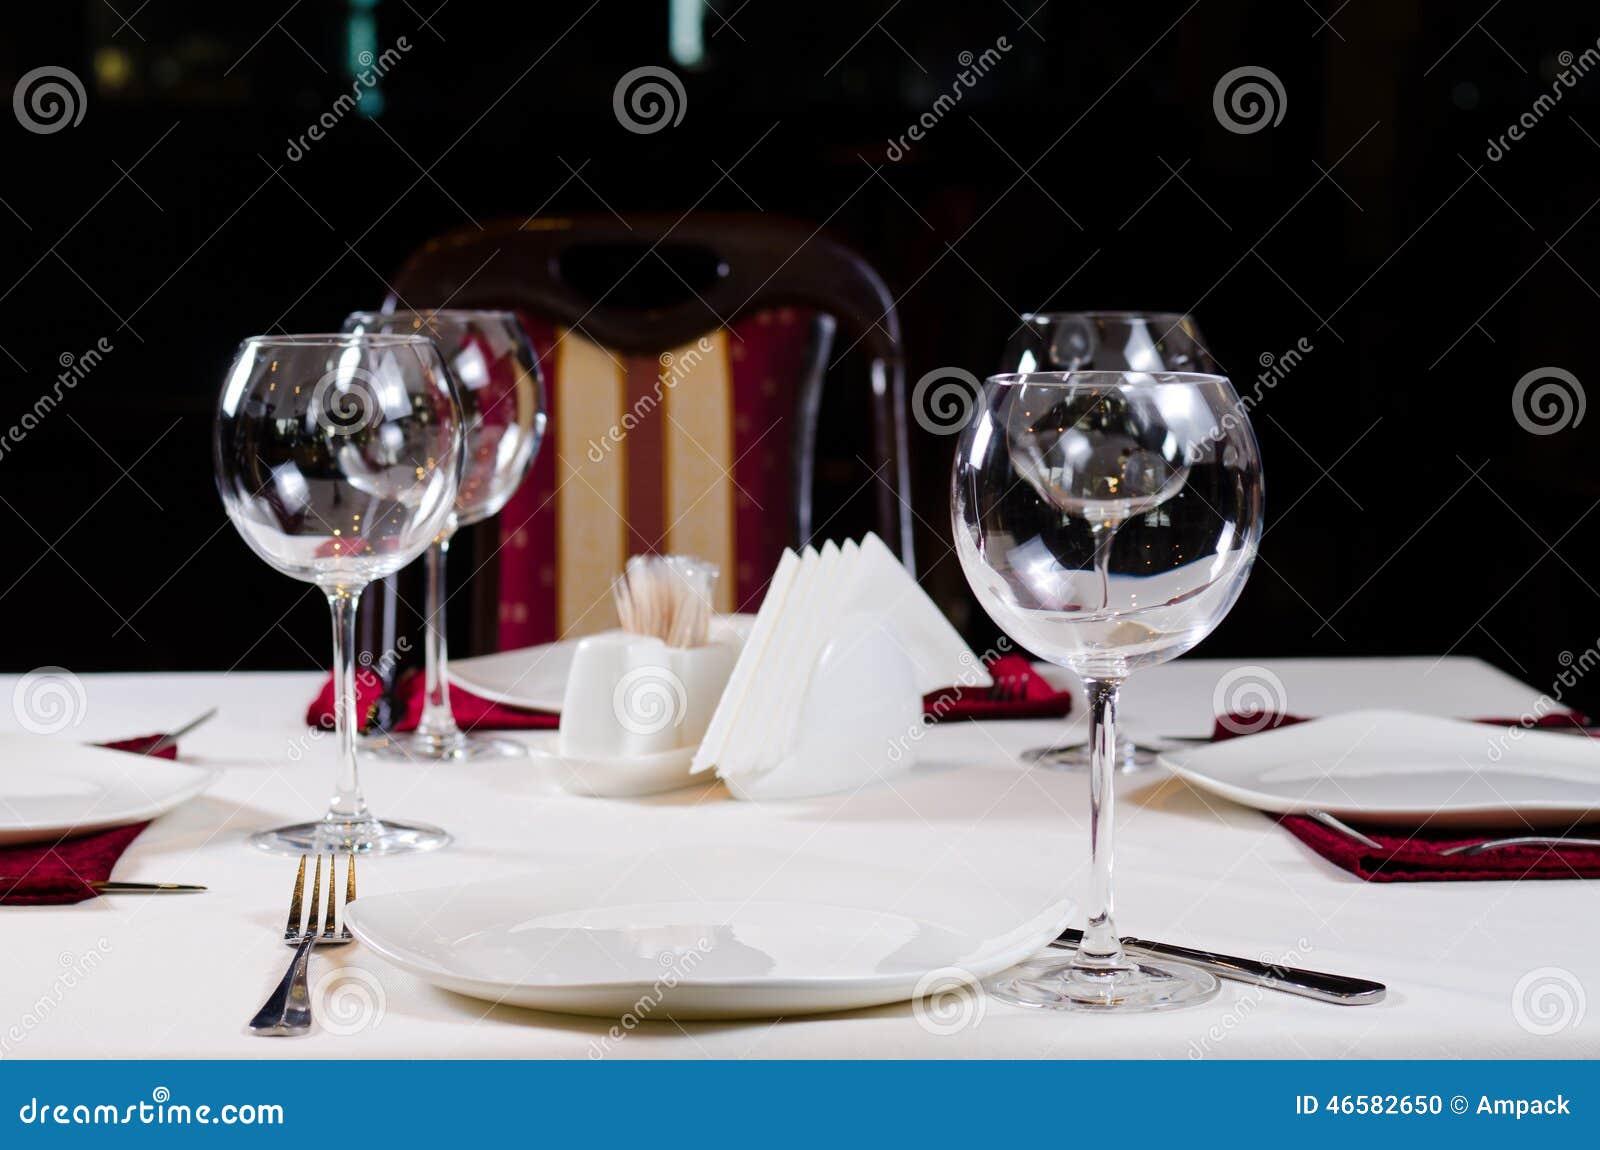 Tableau dans le restaurant de fantaisie réglé pour le dîner